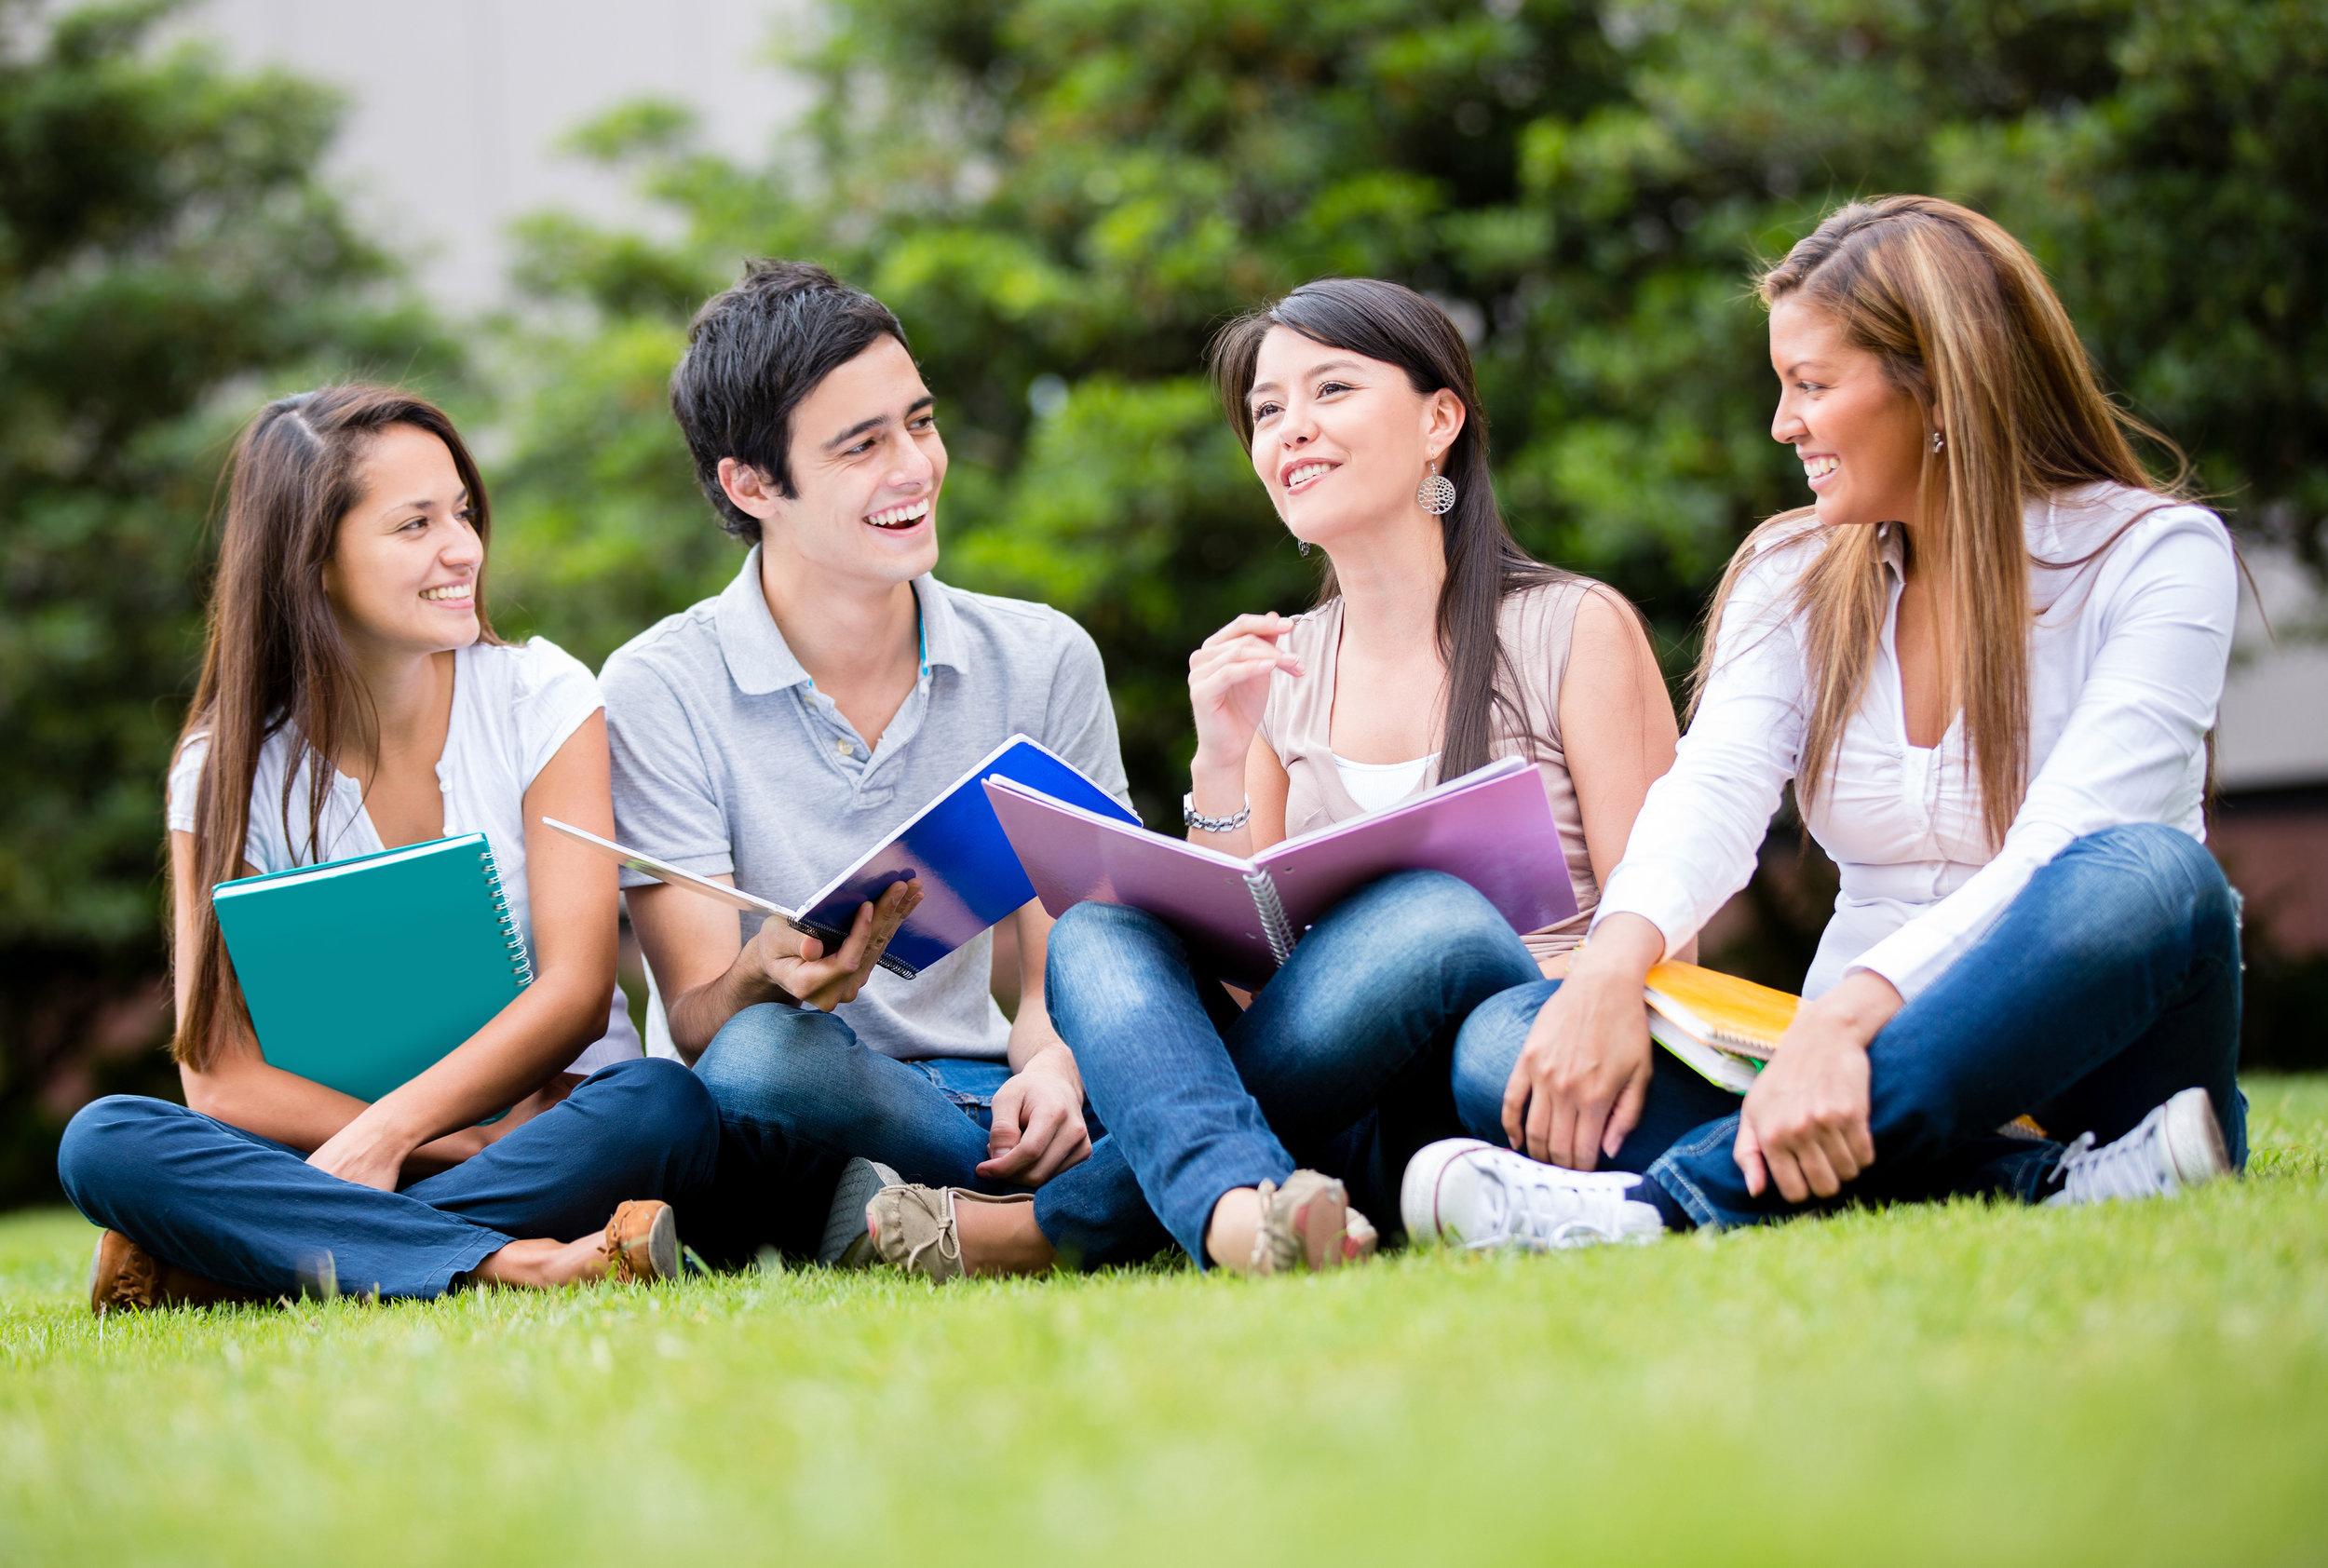 英莱敦与亚洲IBO、欧洲及北美的各大高校及教育组织建立合作关系。英莱敦希望能帮助到更多教育者和学生完成教育并获得认证,帮助教育者更好的提升IB课程体验,让教育资源更加普及,提升校园管理质量和授课质量。